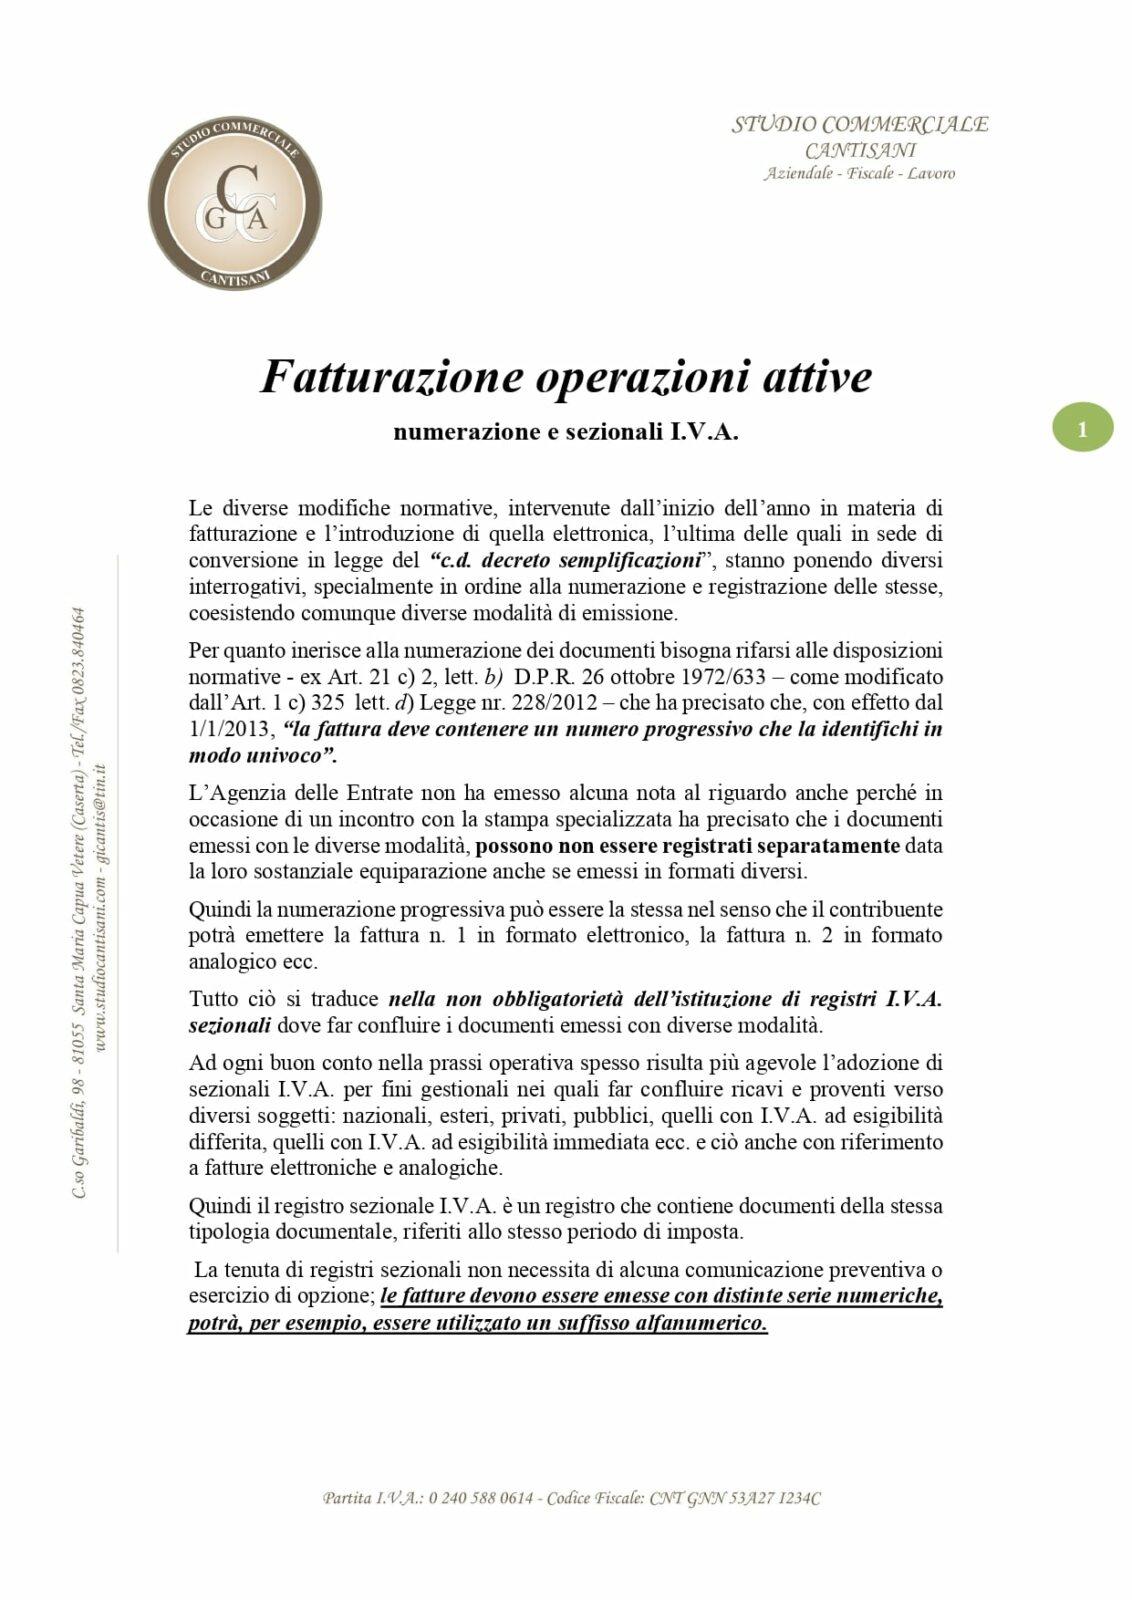 FATTURAZIONE ATTIVA E SEZIONALI IVA pages to jpg 0001